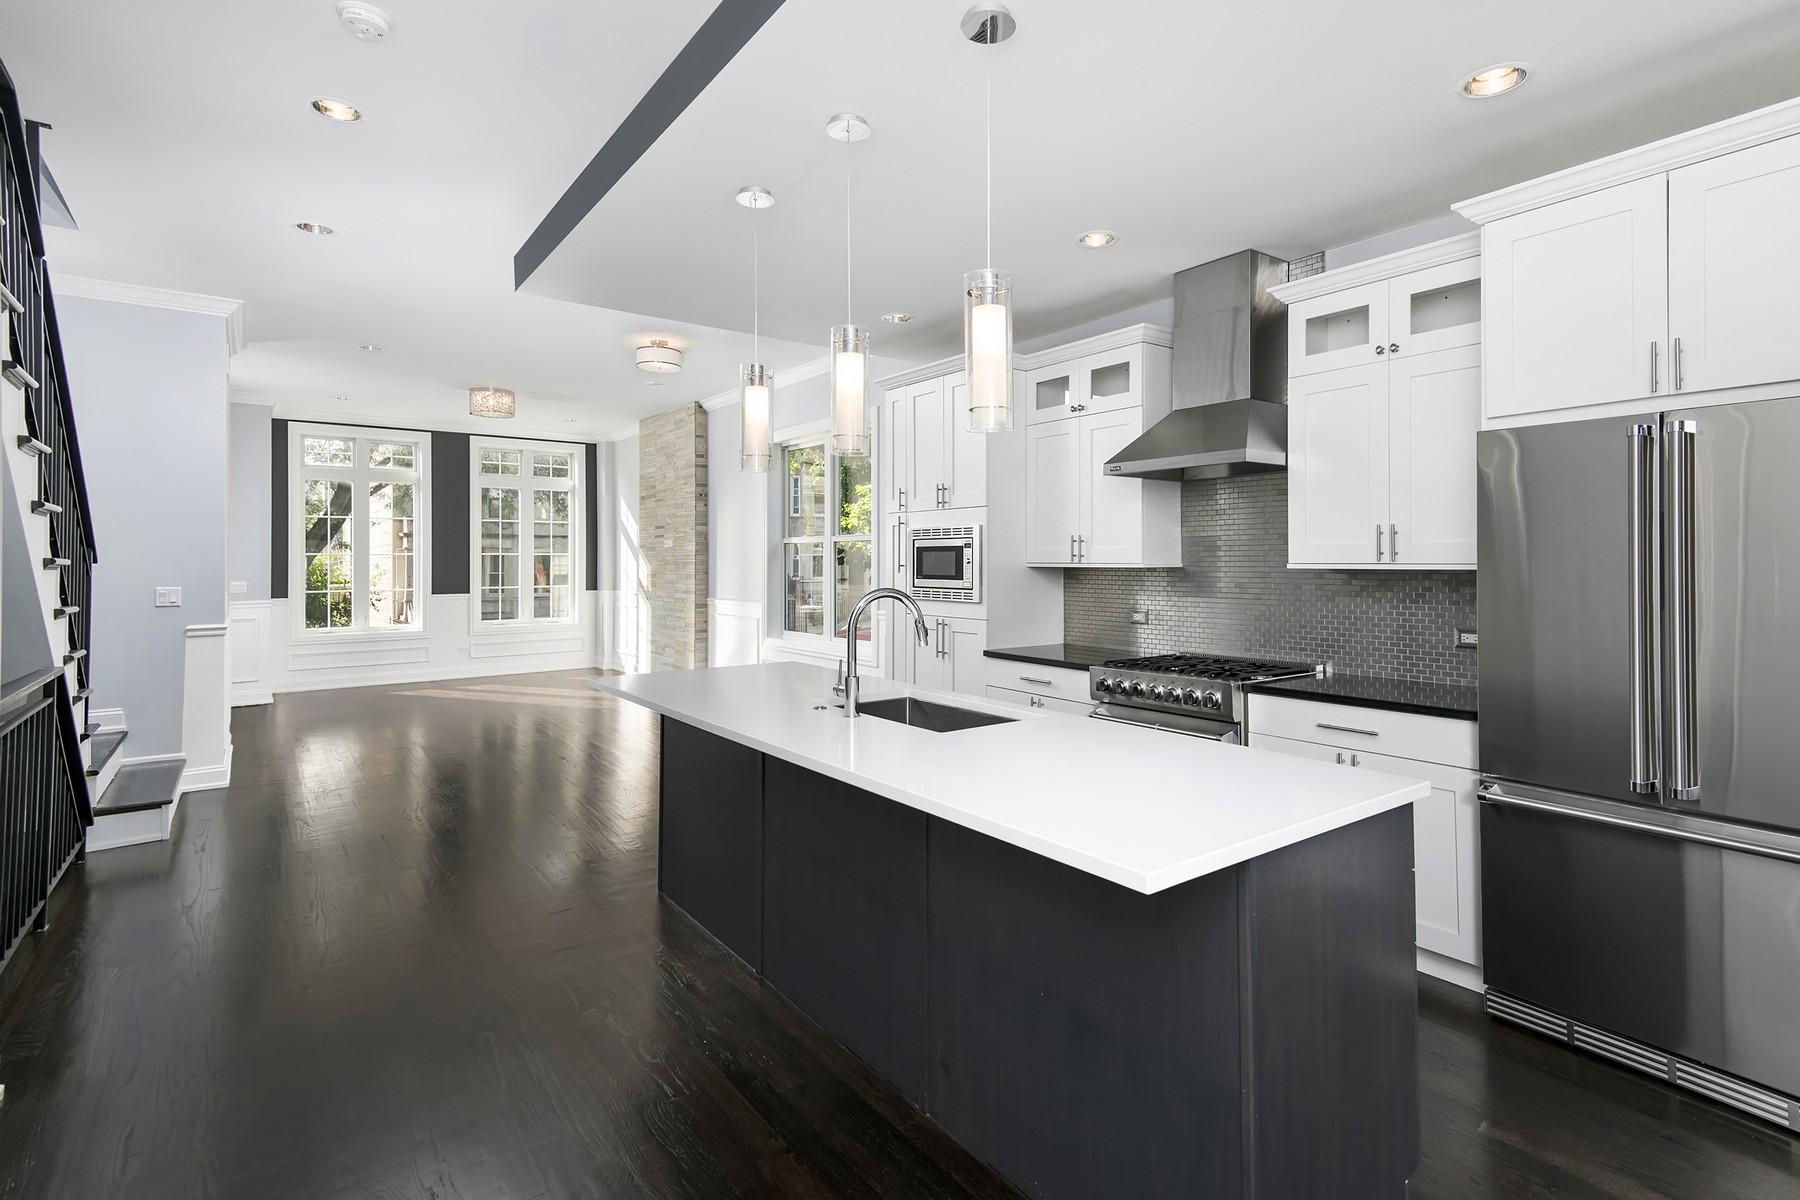 Частный односемейный дом для того Продажа на Remarkable New Construction 4847 S Champlain Avenue Hyde Park, Chicago, Иллинойс, 60615 Соединенные Штаты